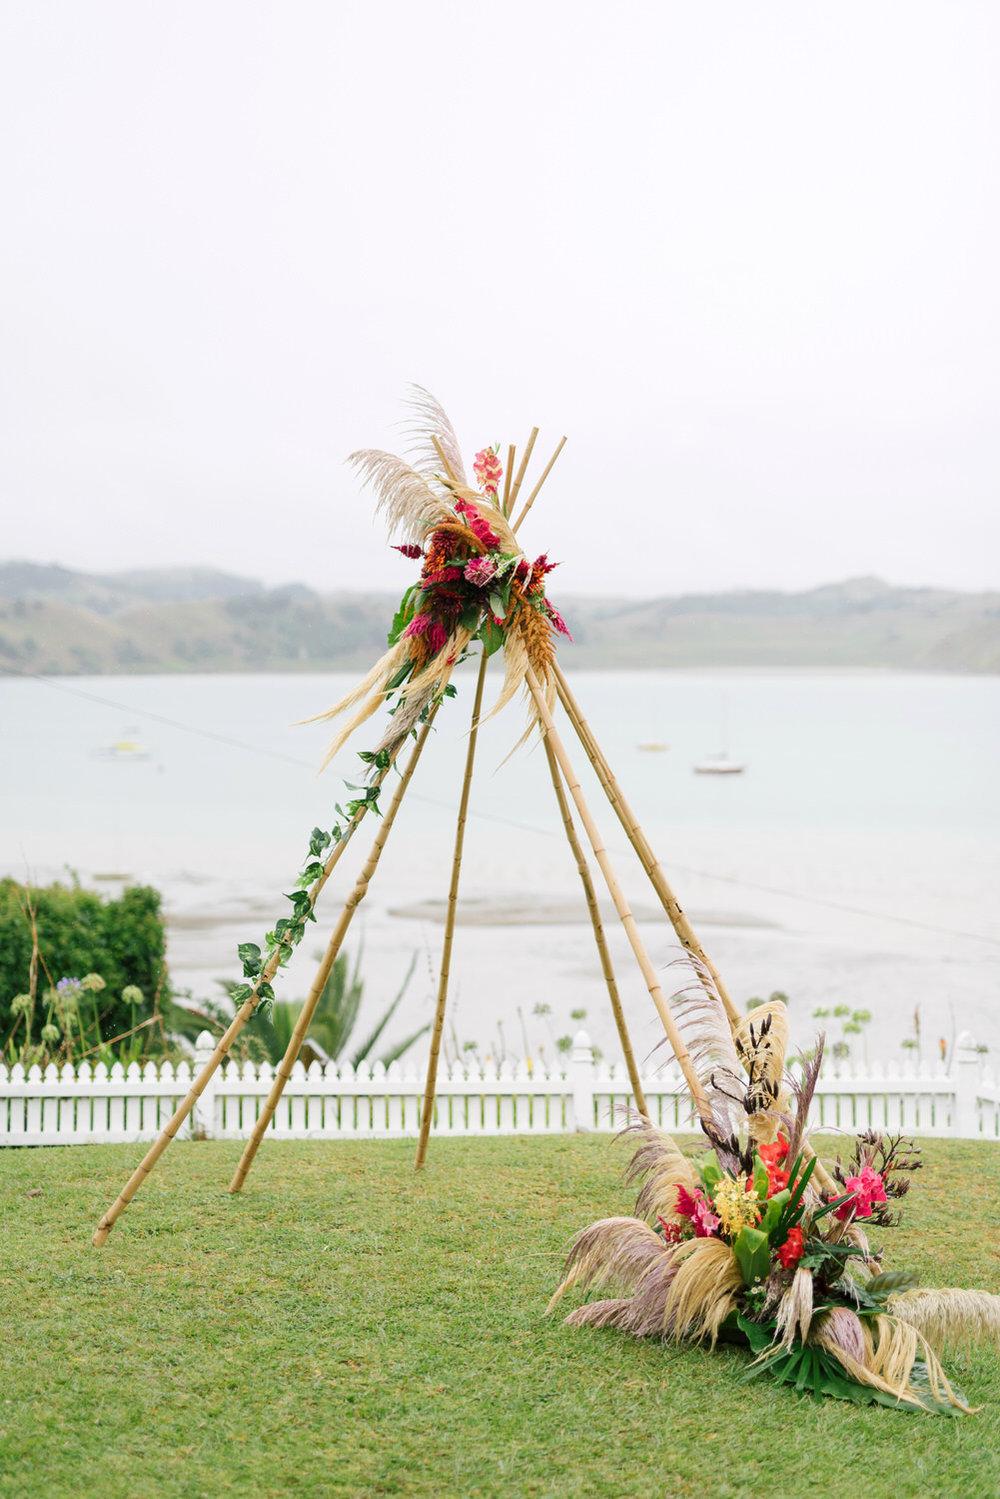 Bottega53©-new zealand wedding - lynsday&dillan-18.JPG